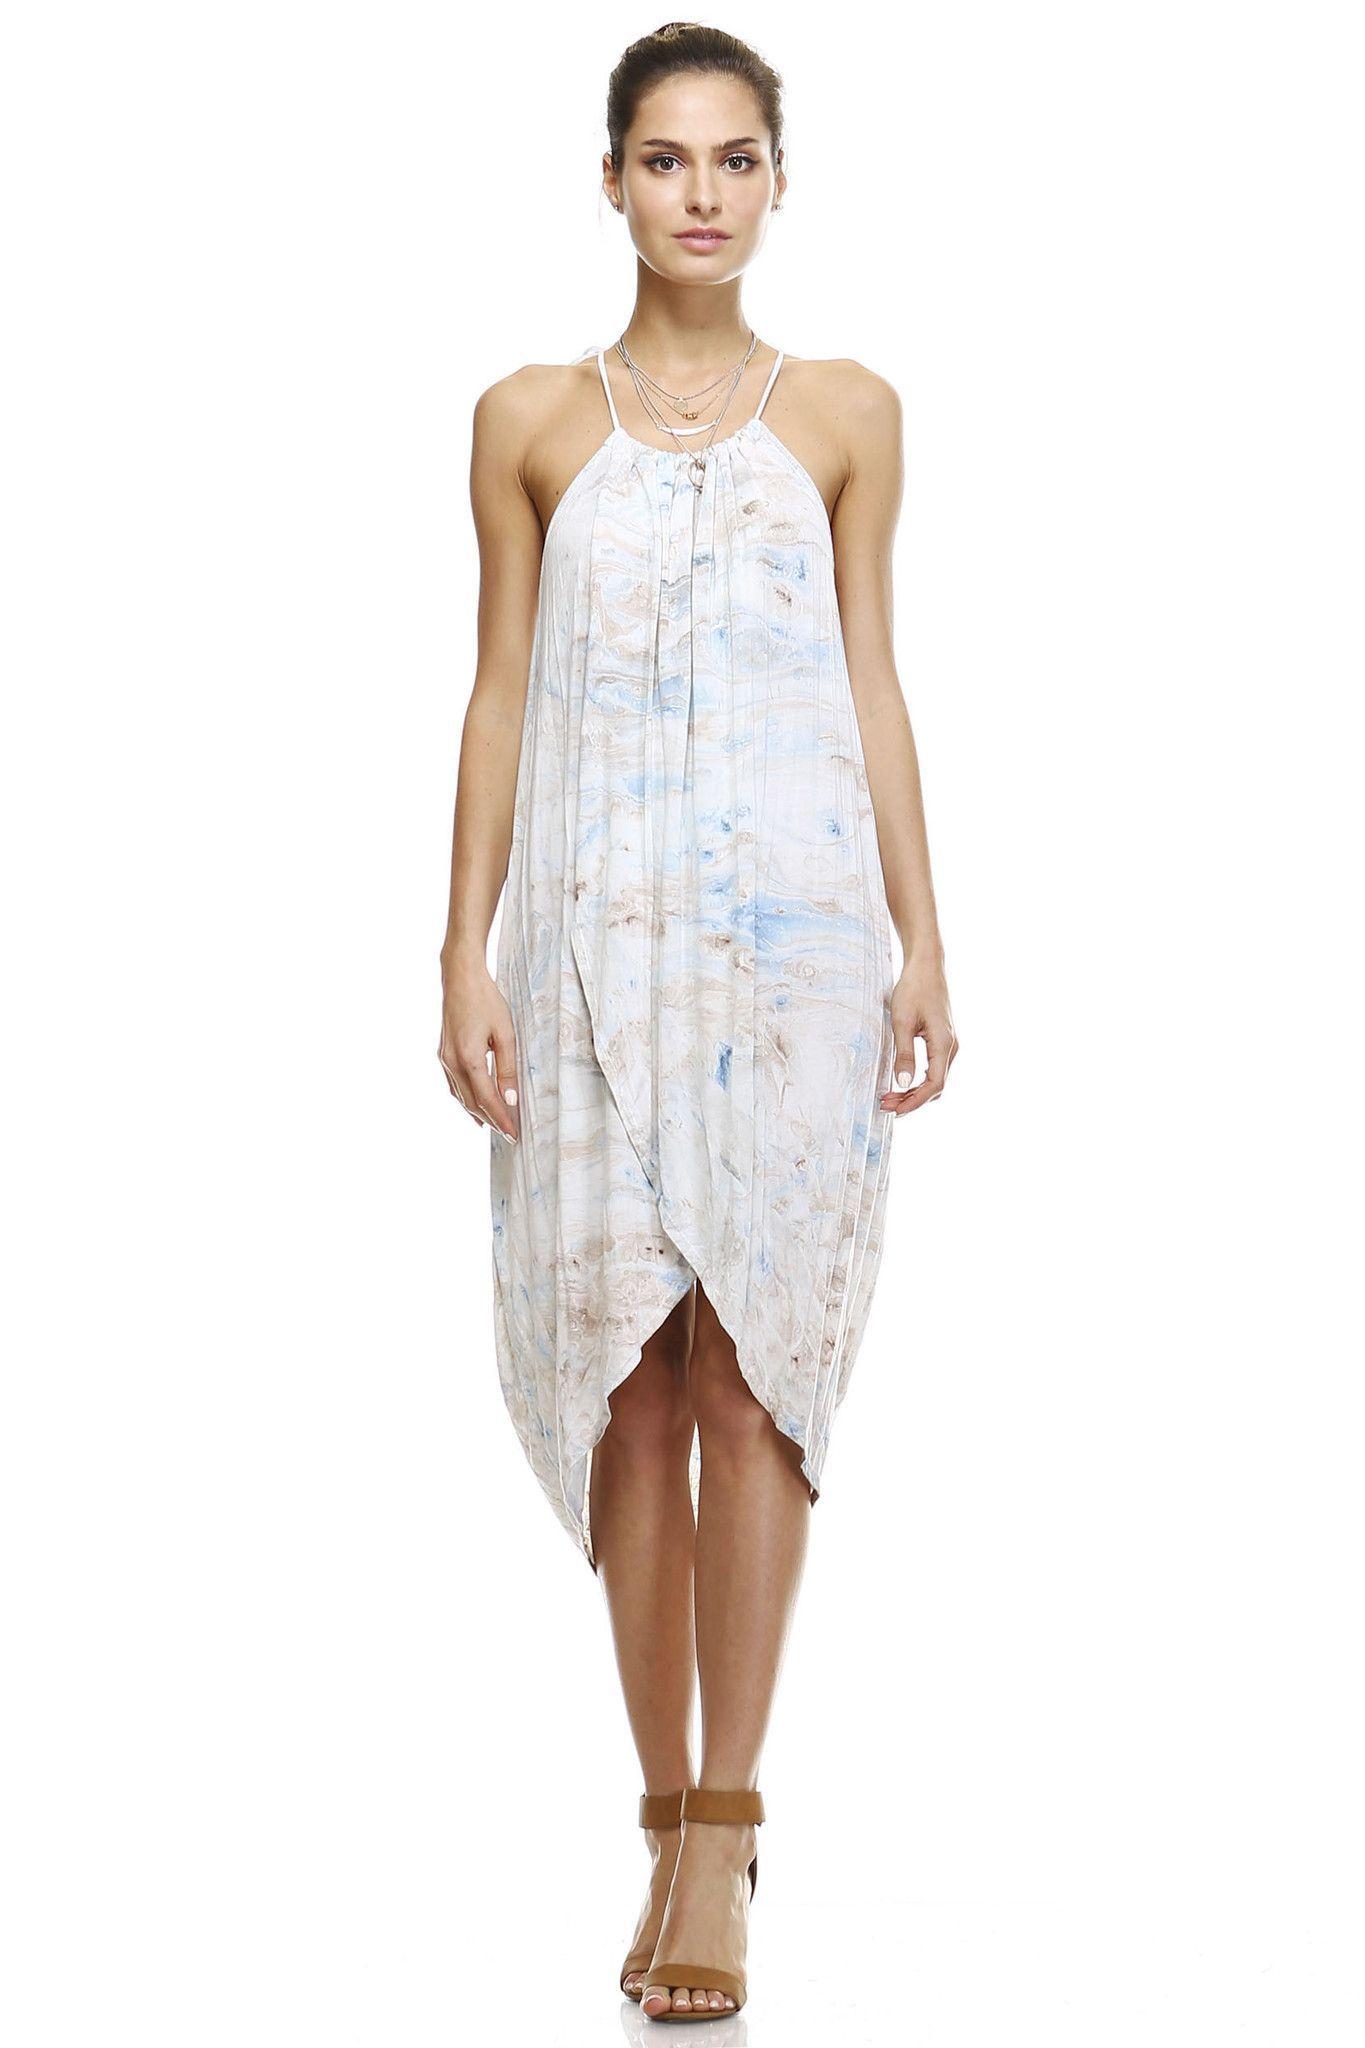 Dress Tye Dye Surplice